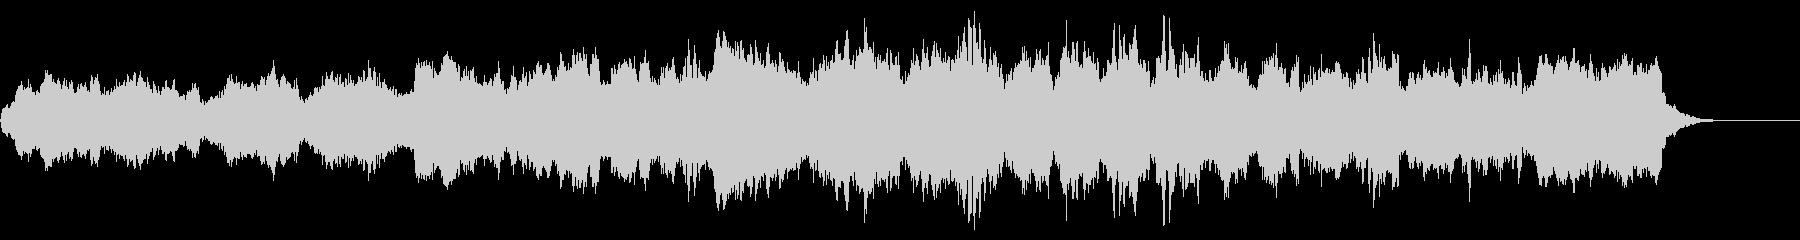 悲しく切ないヴァイオリンソロの未再生の波形